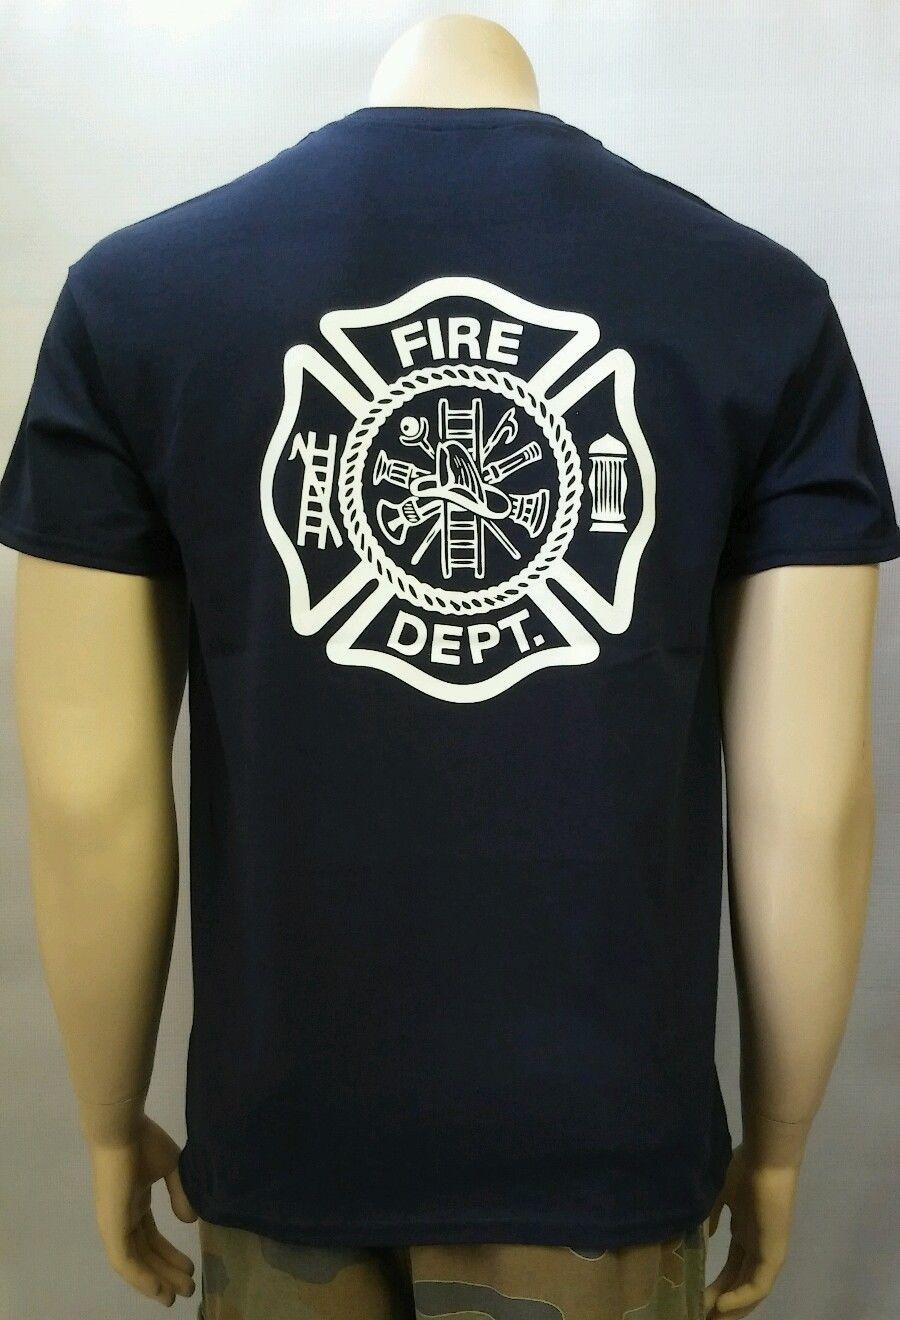 Nouveau 2019 populaire marque célèbre col rond Mode Homme T-shirt Pompier SERVICE DE SAUVETAGE GRAPHIC BLANC T-shirt imprimé